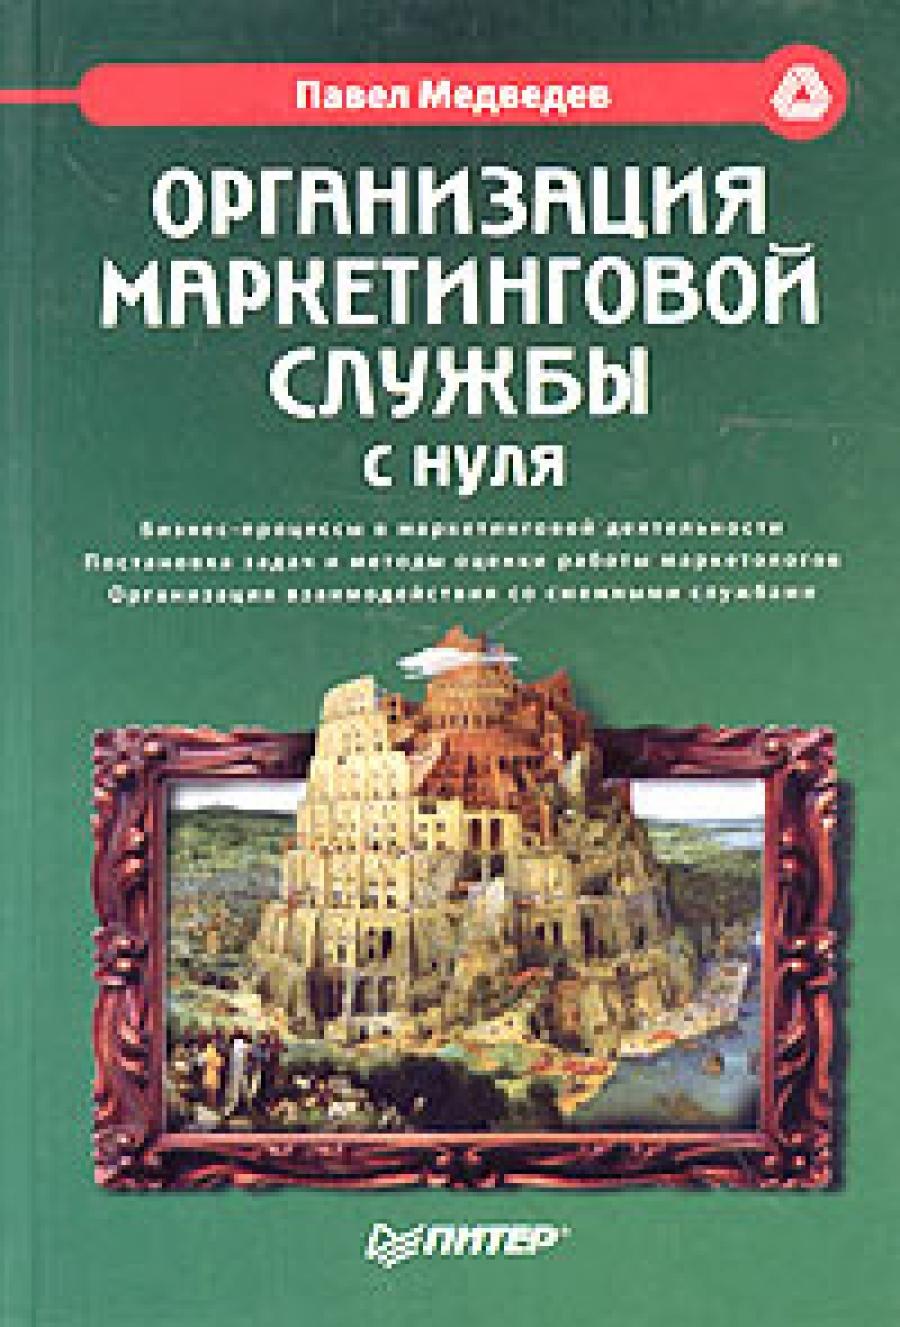 Обложка книги:  павел медведев - организация маркетинговой службы с нуля